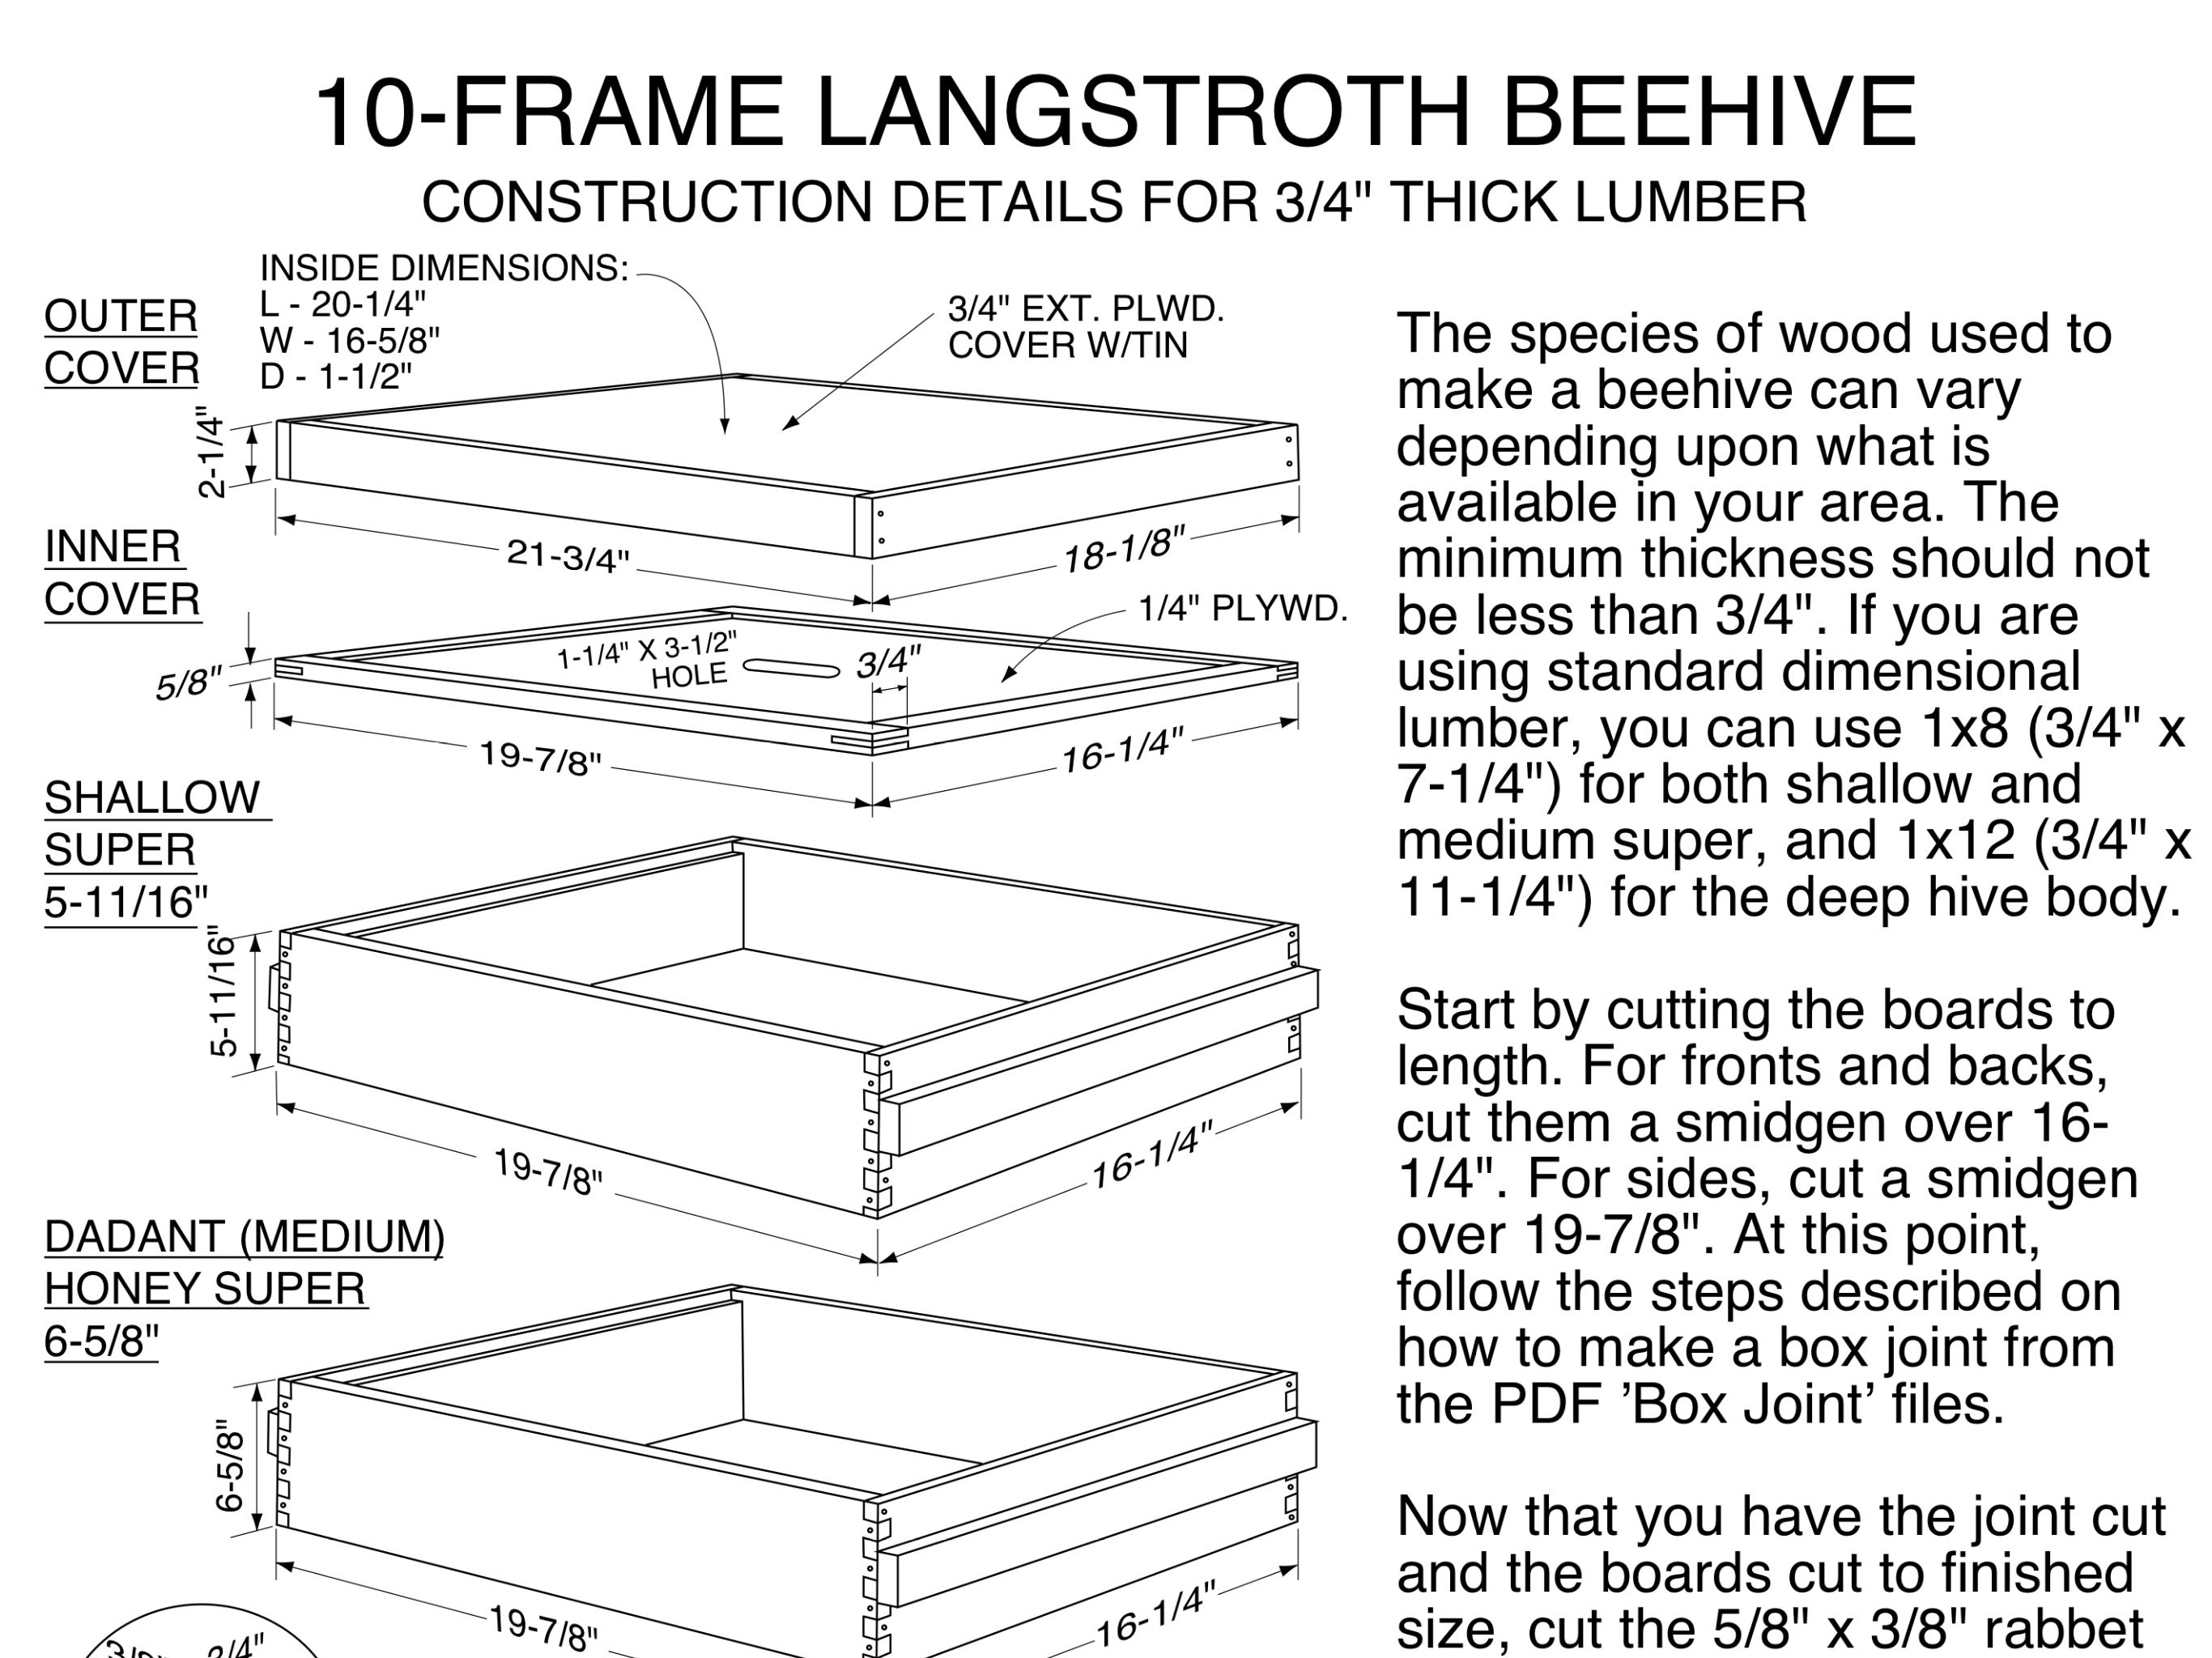 10 Frame Langstroth Hive Plans Pdf Langstroth Hive Plans 10 Frame Langstroth Hive